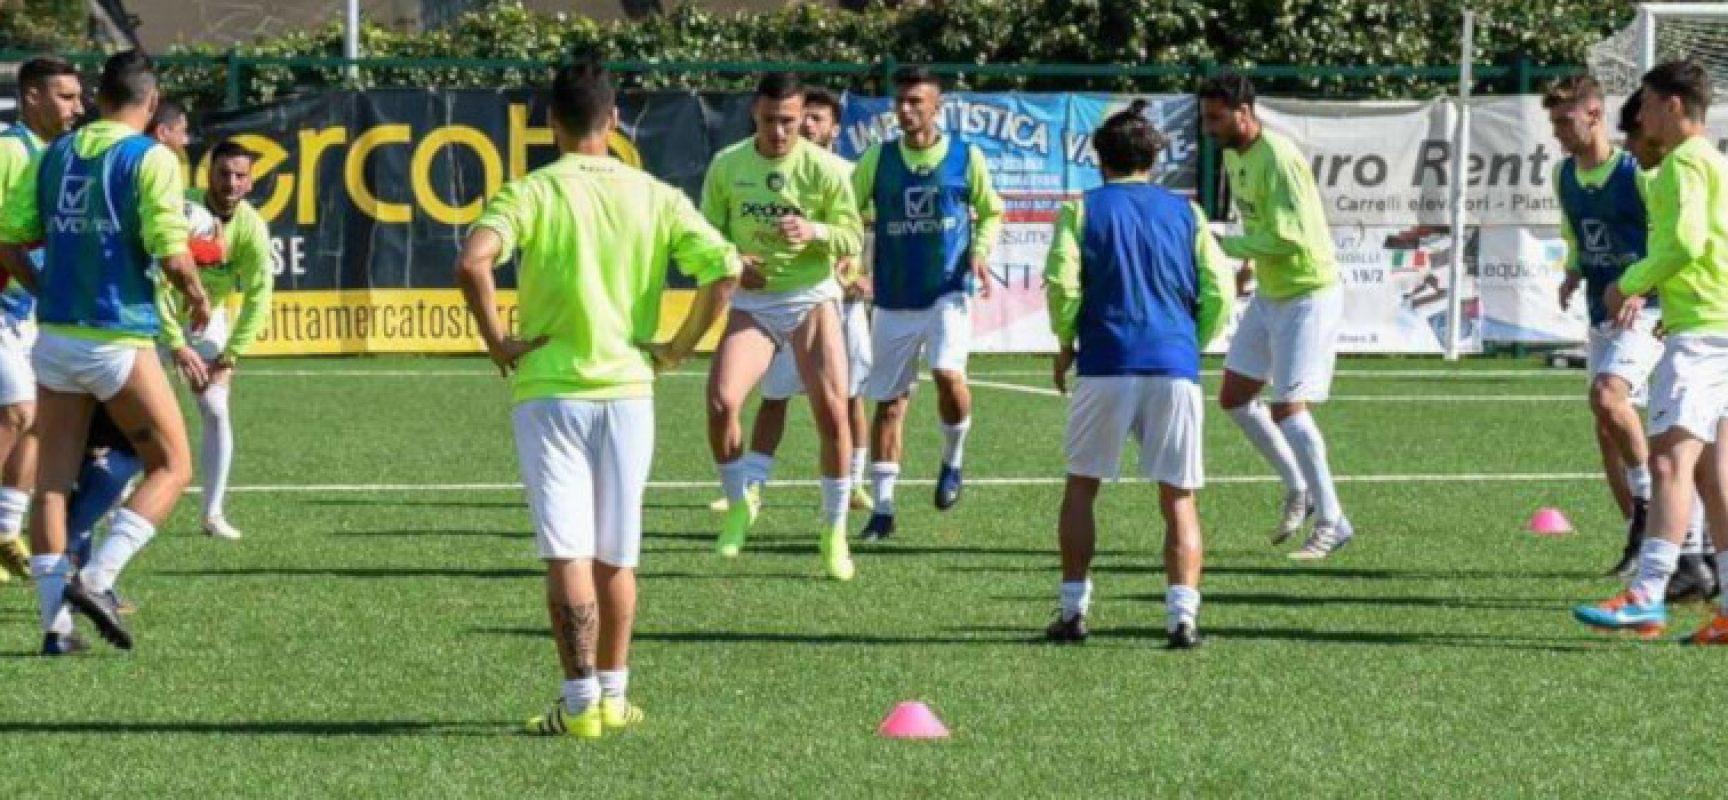 Unione Calcio, contro l'Avetrana vietati passi falsi